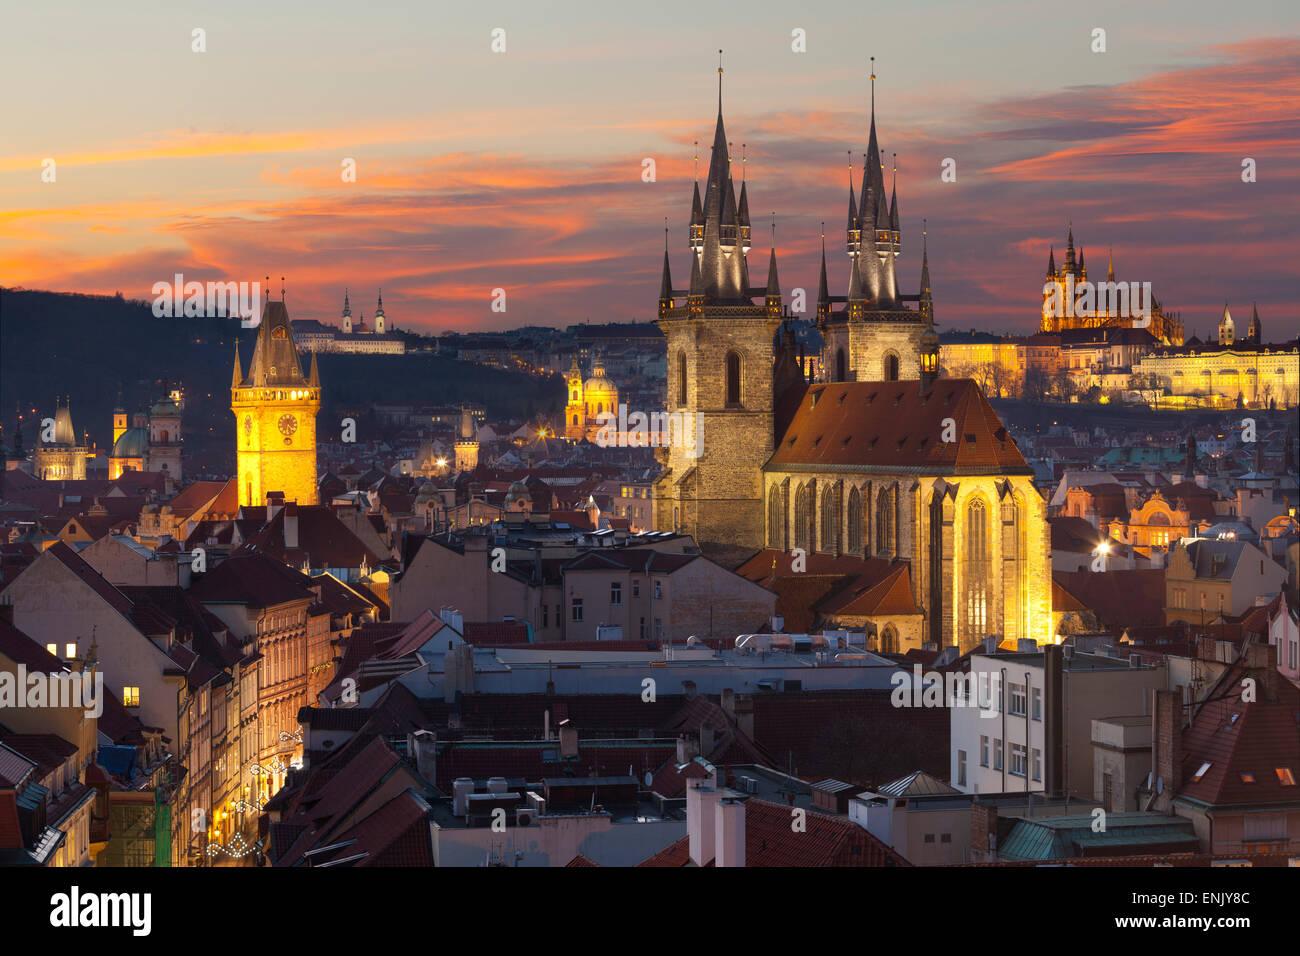 Panoramica del centro storico al tramonto, Praga, Repubblica Ceca, Europa Immagini Stock